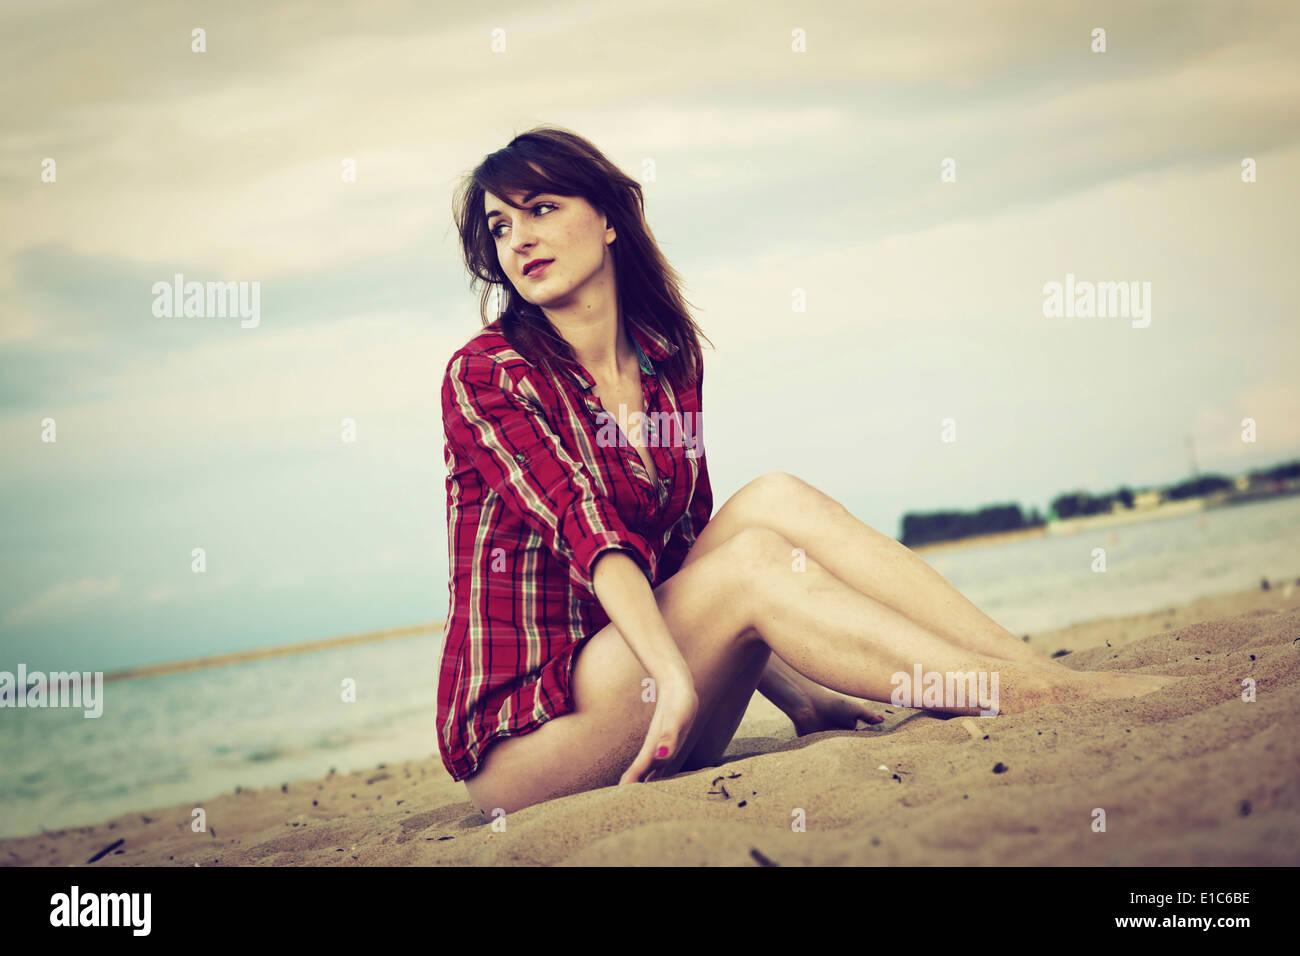 Jeune femme dans une chemise à carreaux rouge détente sur la plage au coucher du soleil Photo Stock